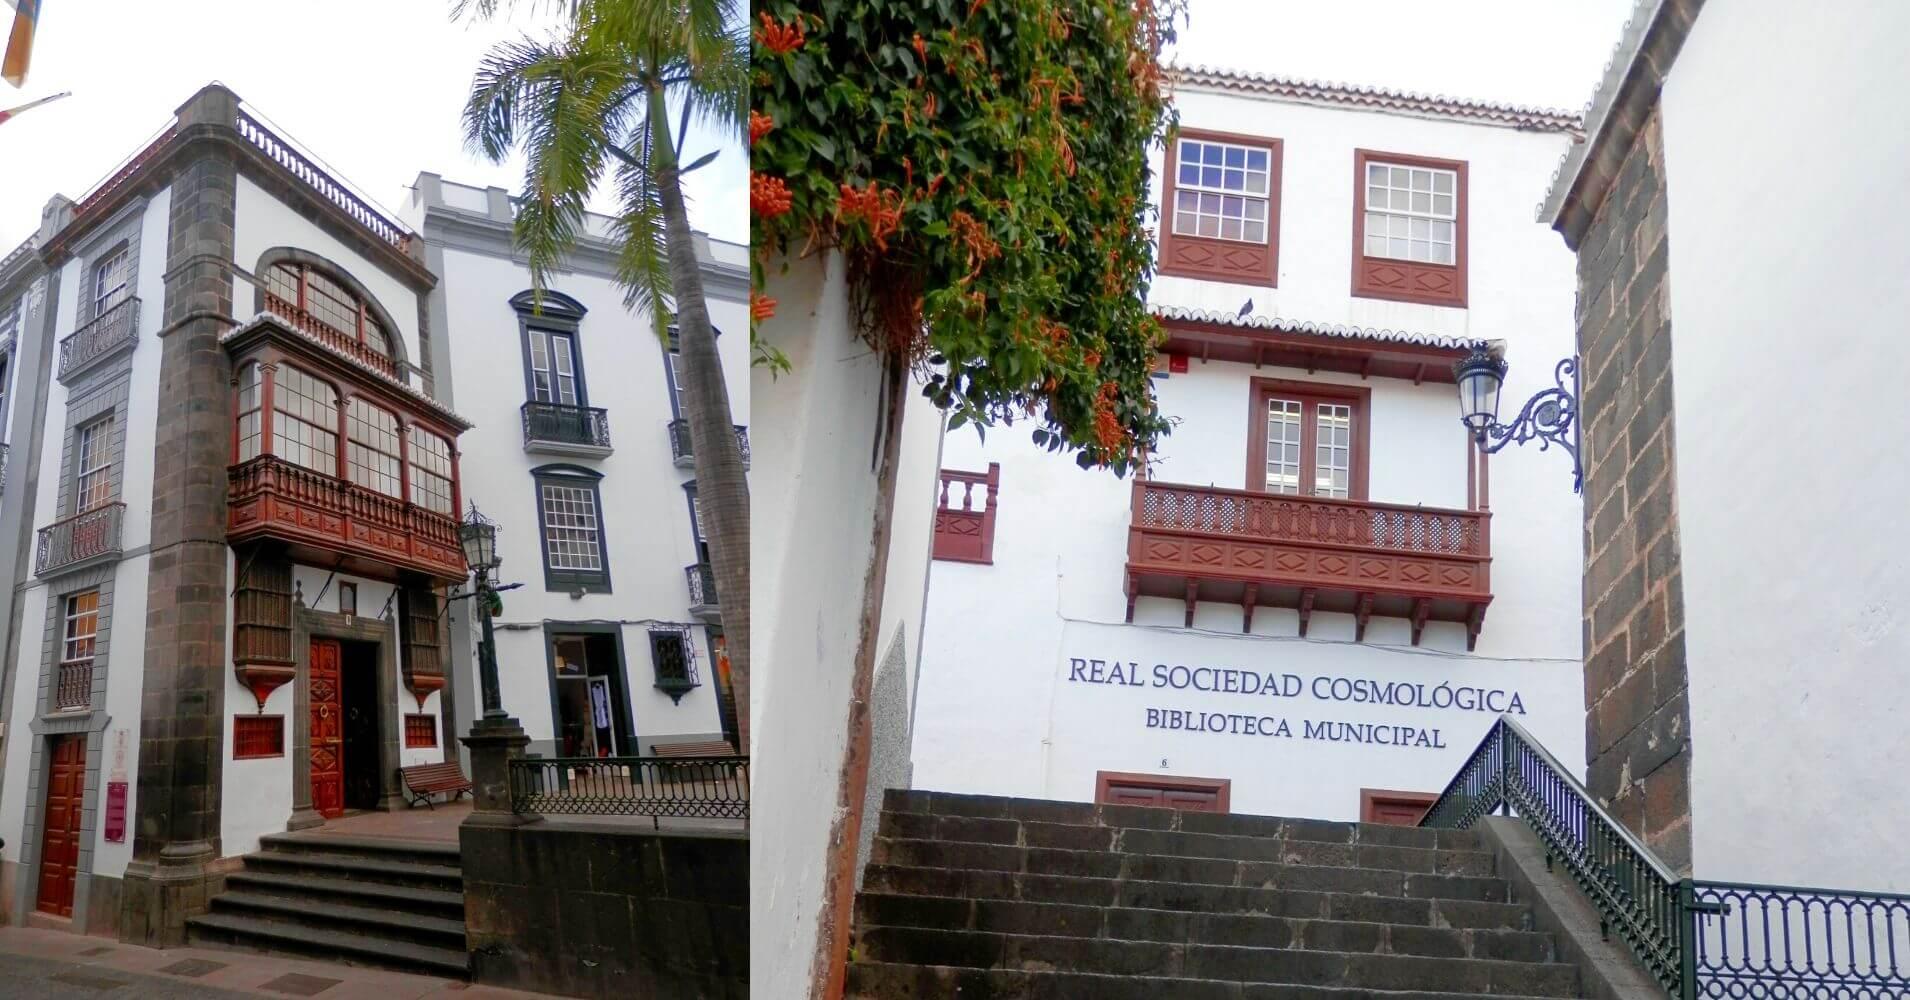 Sociedad Cosmologica. La Palma a Ritmo Lento. Islas Canarias.